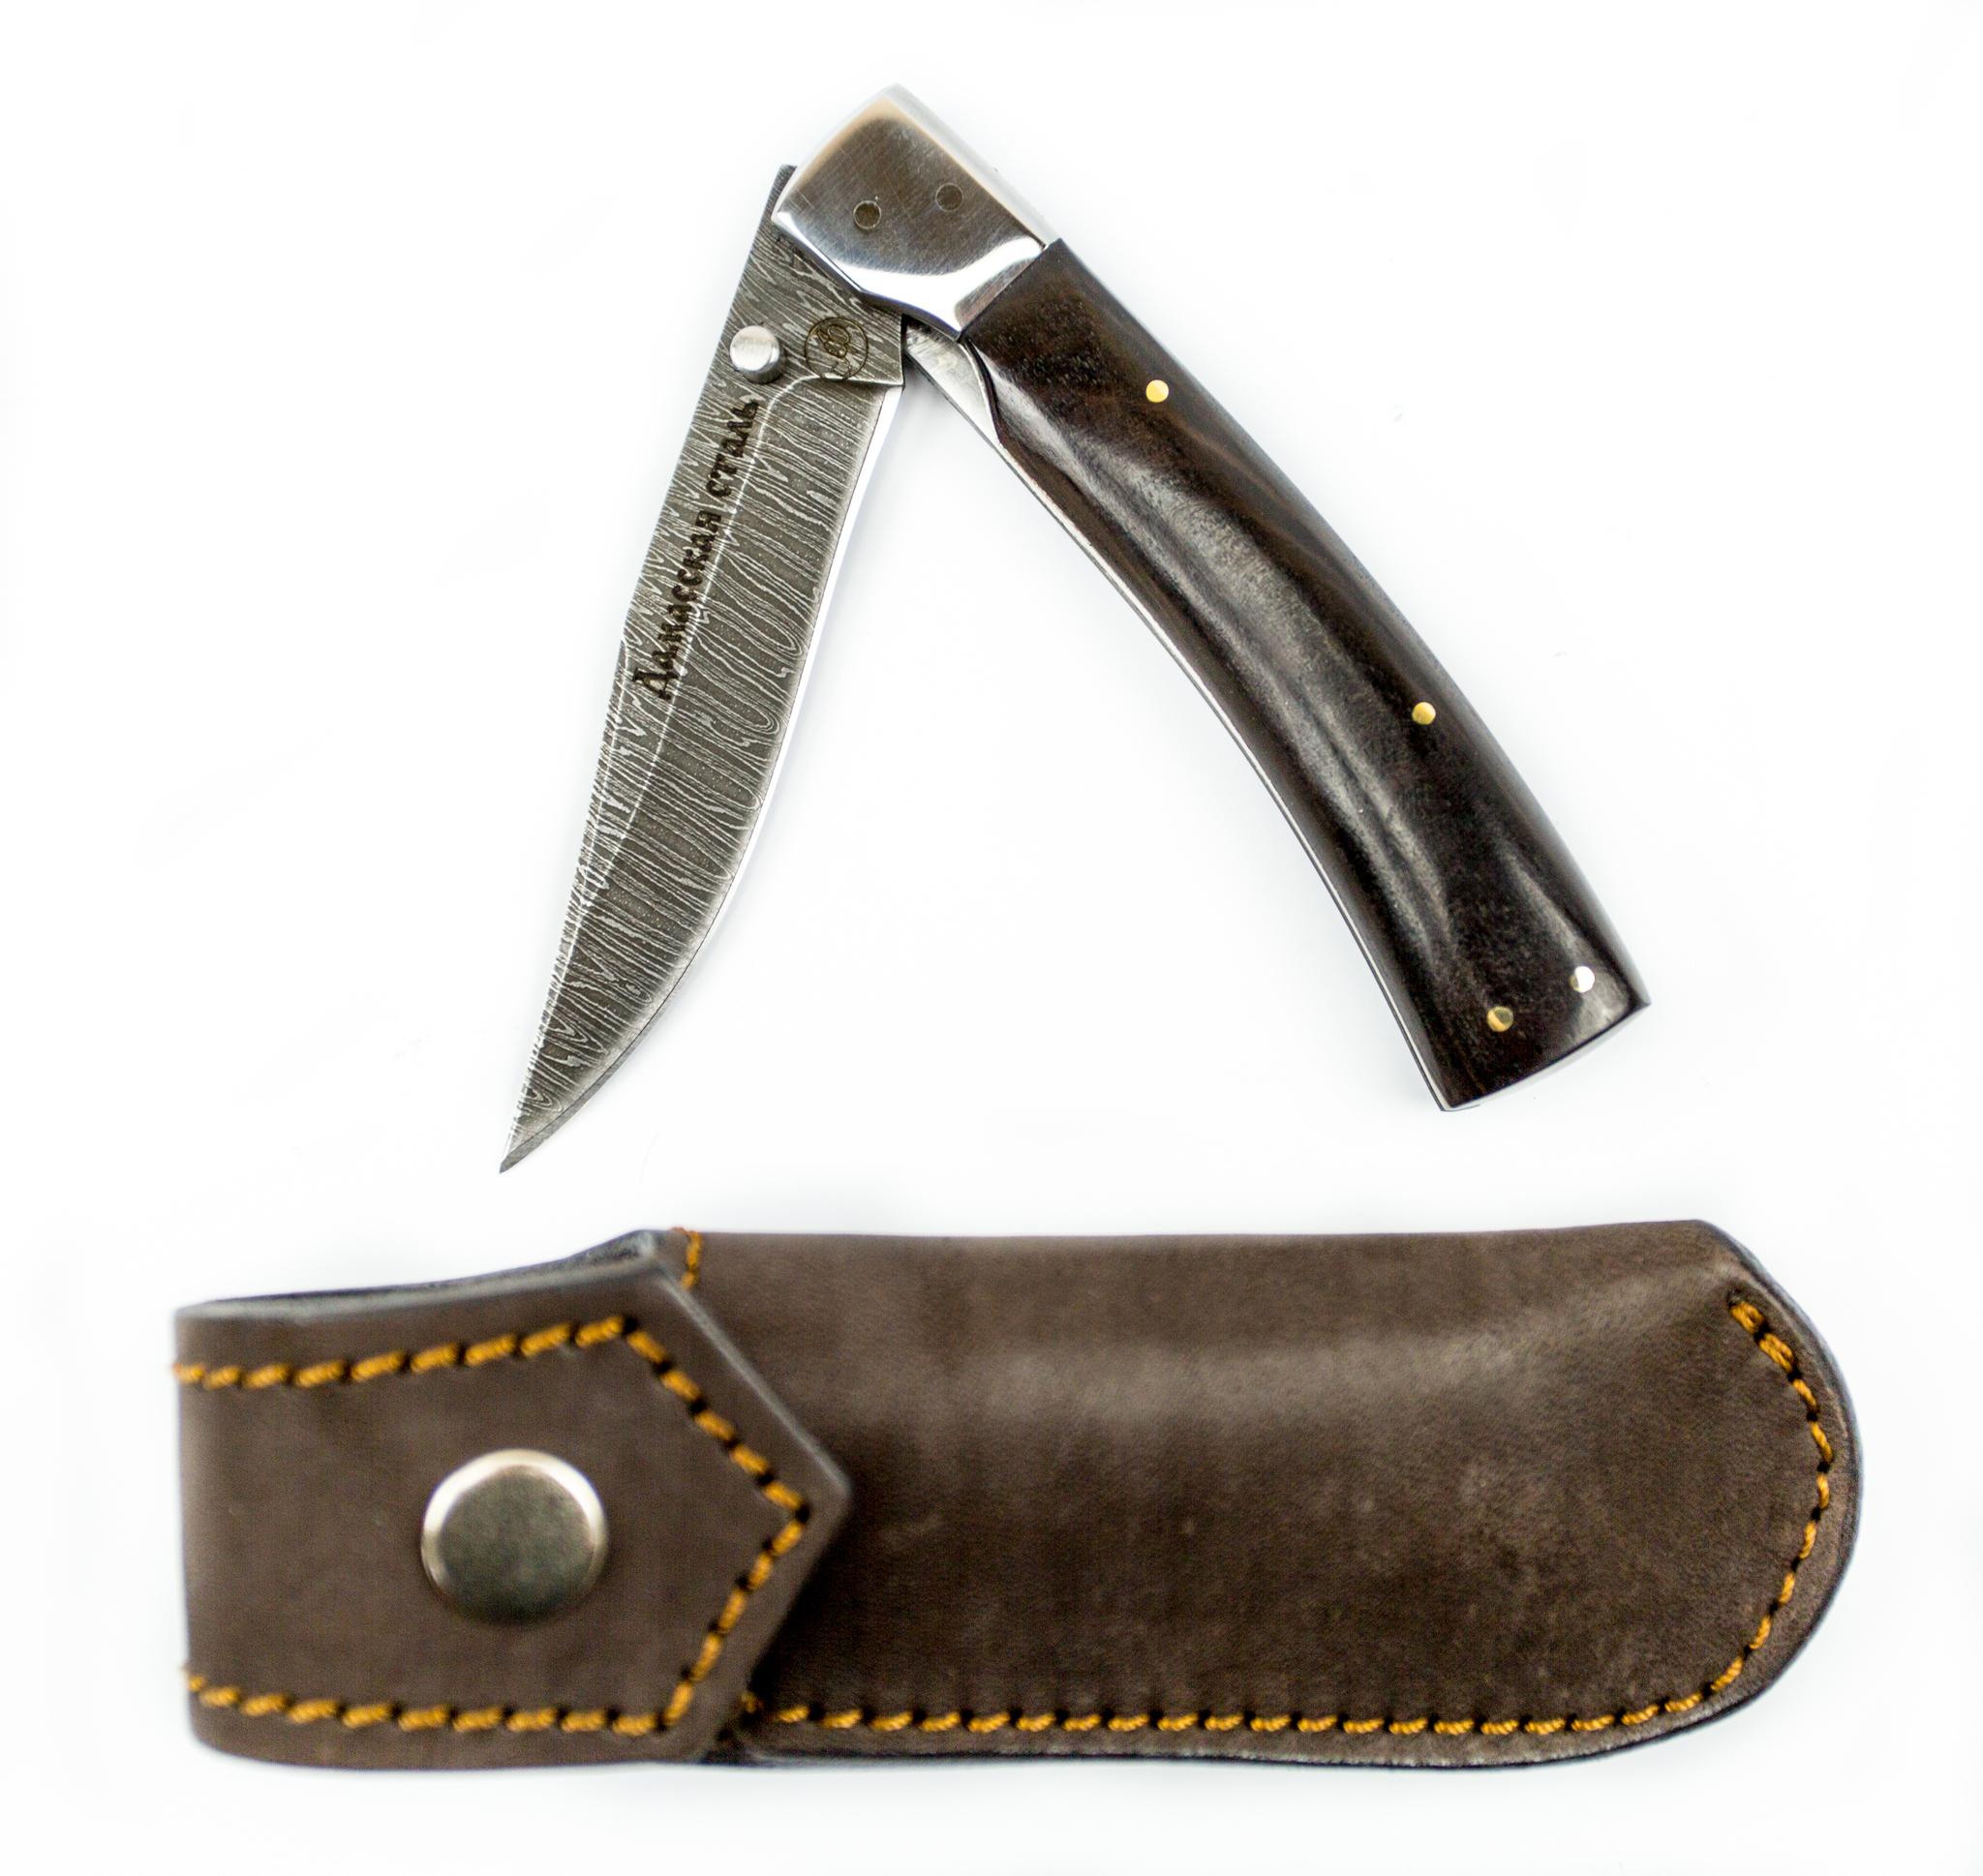 Фото 7 - Складной нож Рысь-1, дамаск